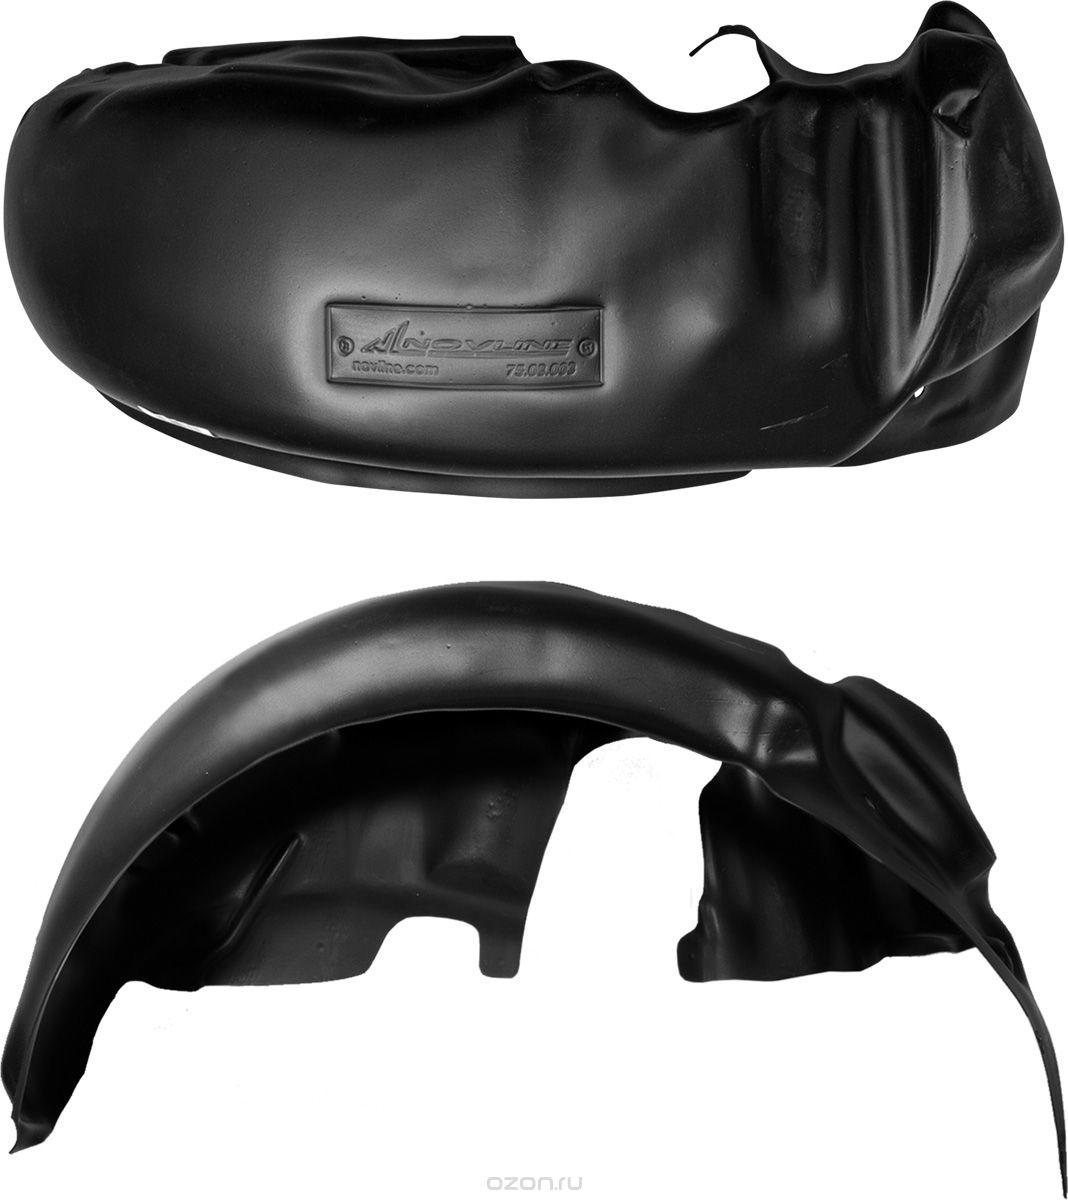 Подкрылок Novline-Autofamily, для CHERY Tiggo, 2014-2016, T(21, передний левыйNLL.63.14.001Идеальная защита колесной ниши. Локеры разработаны с применением цифровых технологий, гарантируют максимальную повторяемость поверхности арки. Изделия устанавливаются без нарушения лакокрасочного покрытия автомобиля, каждый подкрылок комплектуется крепежом. Уважаемые клиенты, обращаем ваше внимание, что фотографии на подкрылки универсальные и не отражают реальную форму изделия. При этом само изделие идет точно под размер указанного автомобиля.